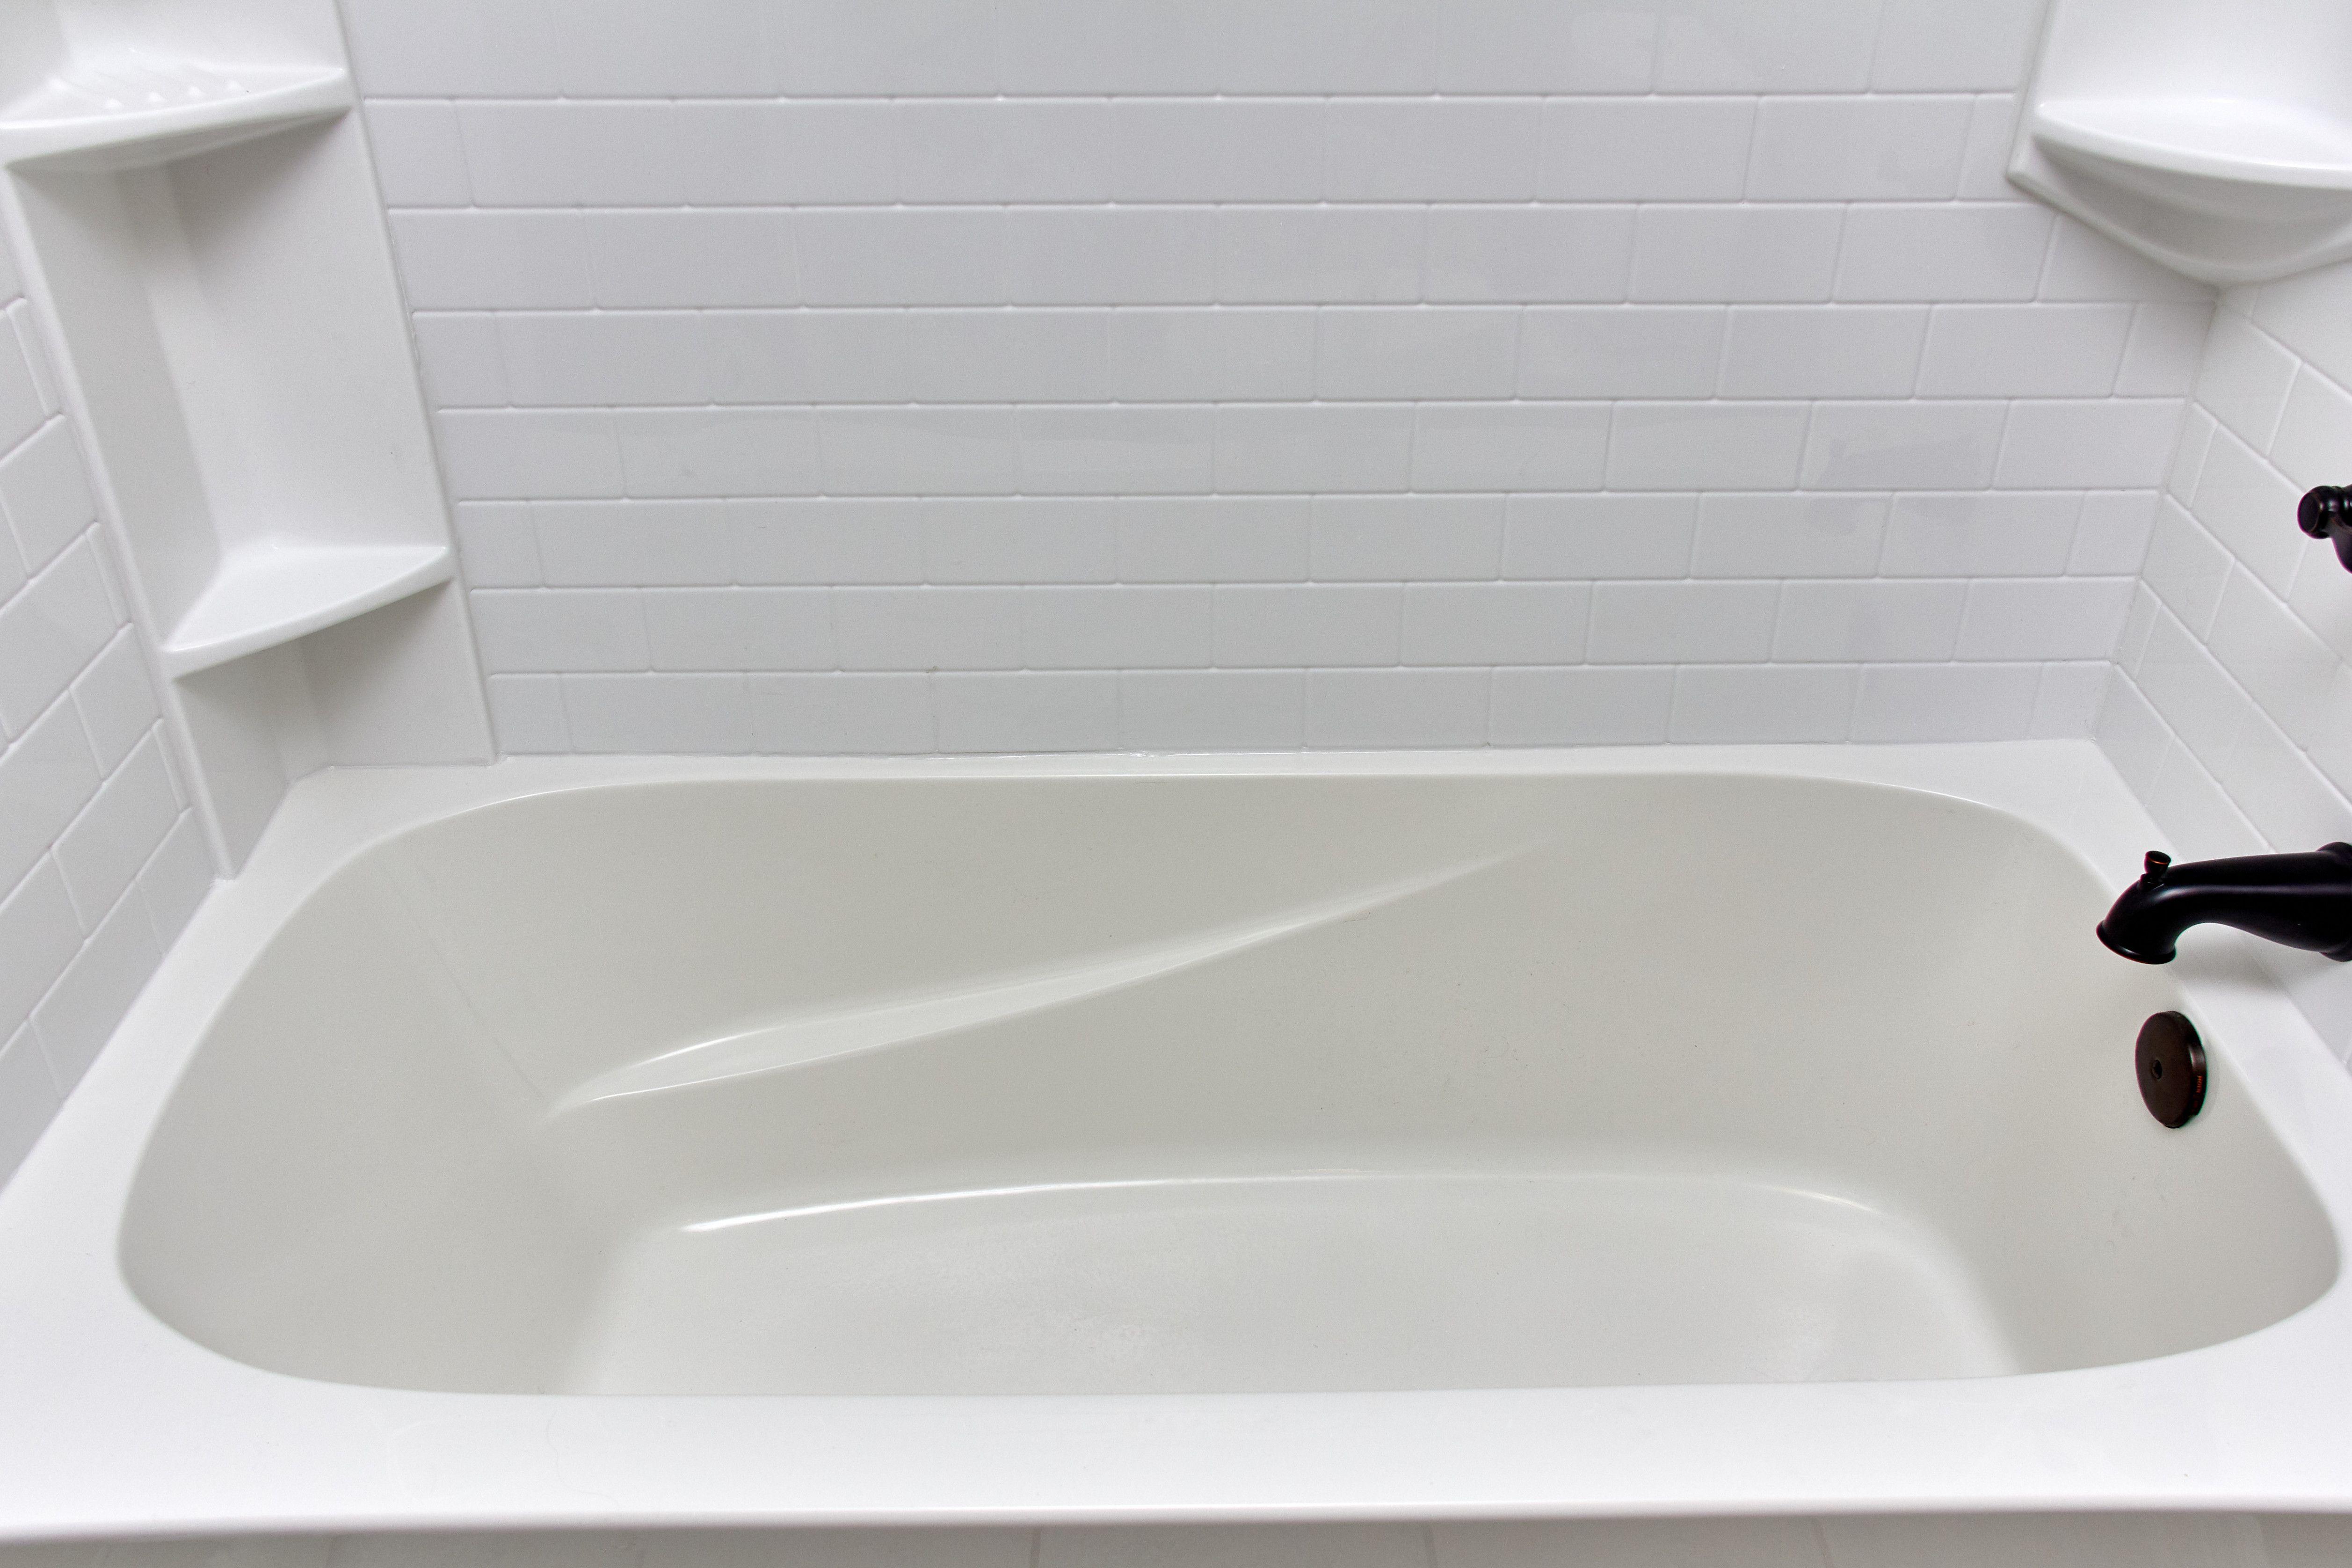 mo st tub liners reglazing bathtub refinishing remodeling louis